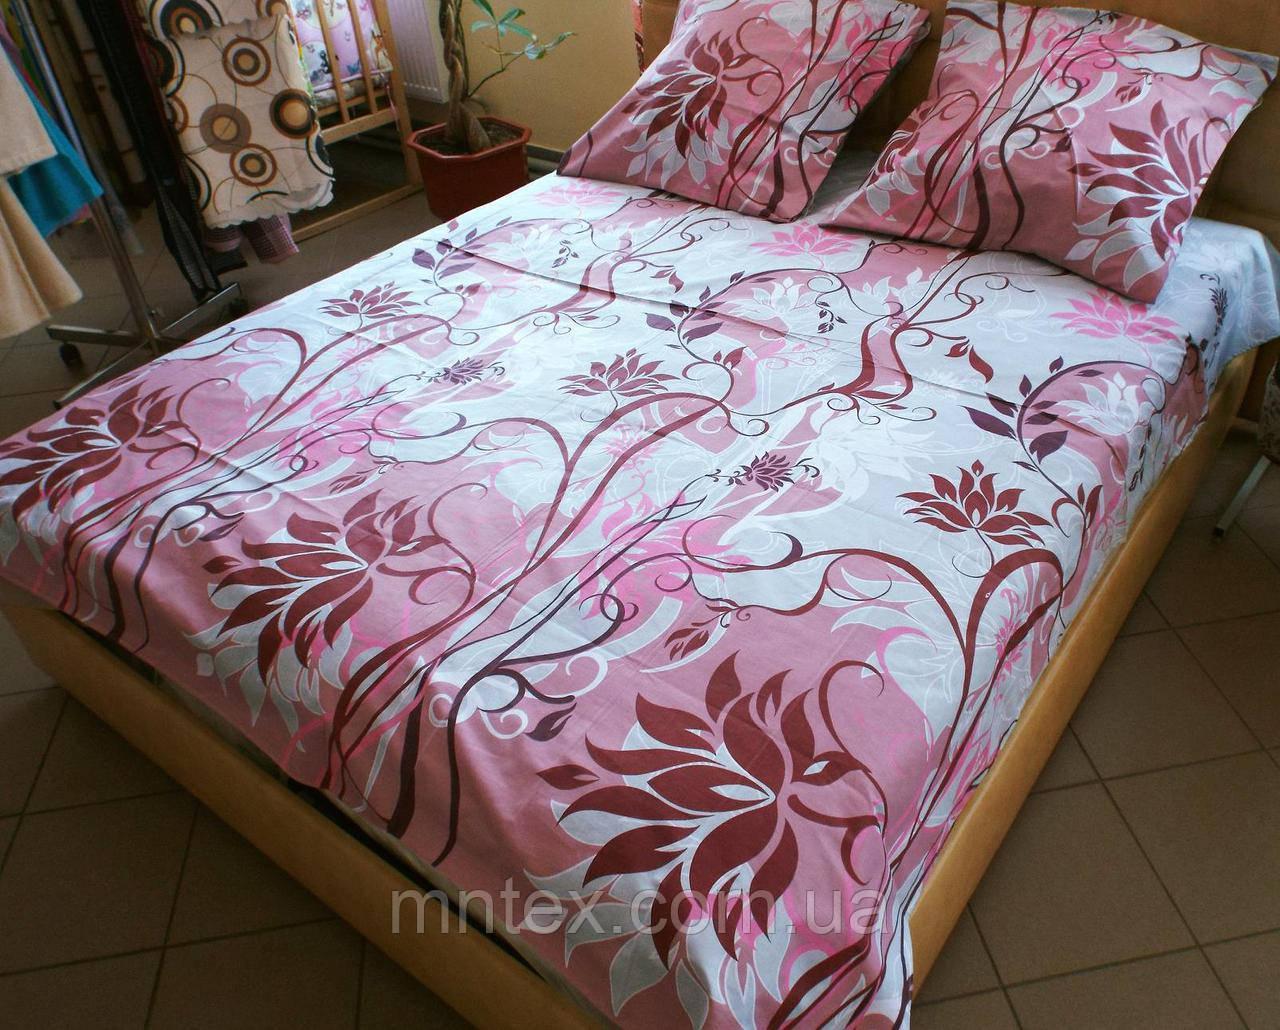 Комплект постельного белья бязь Голд Мечта коралловый